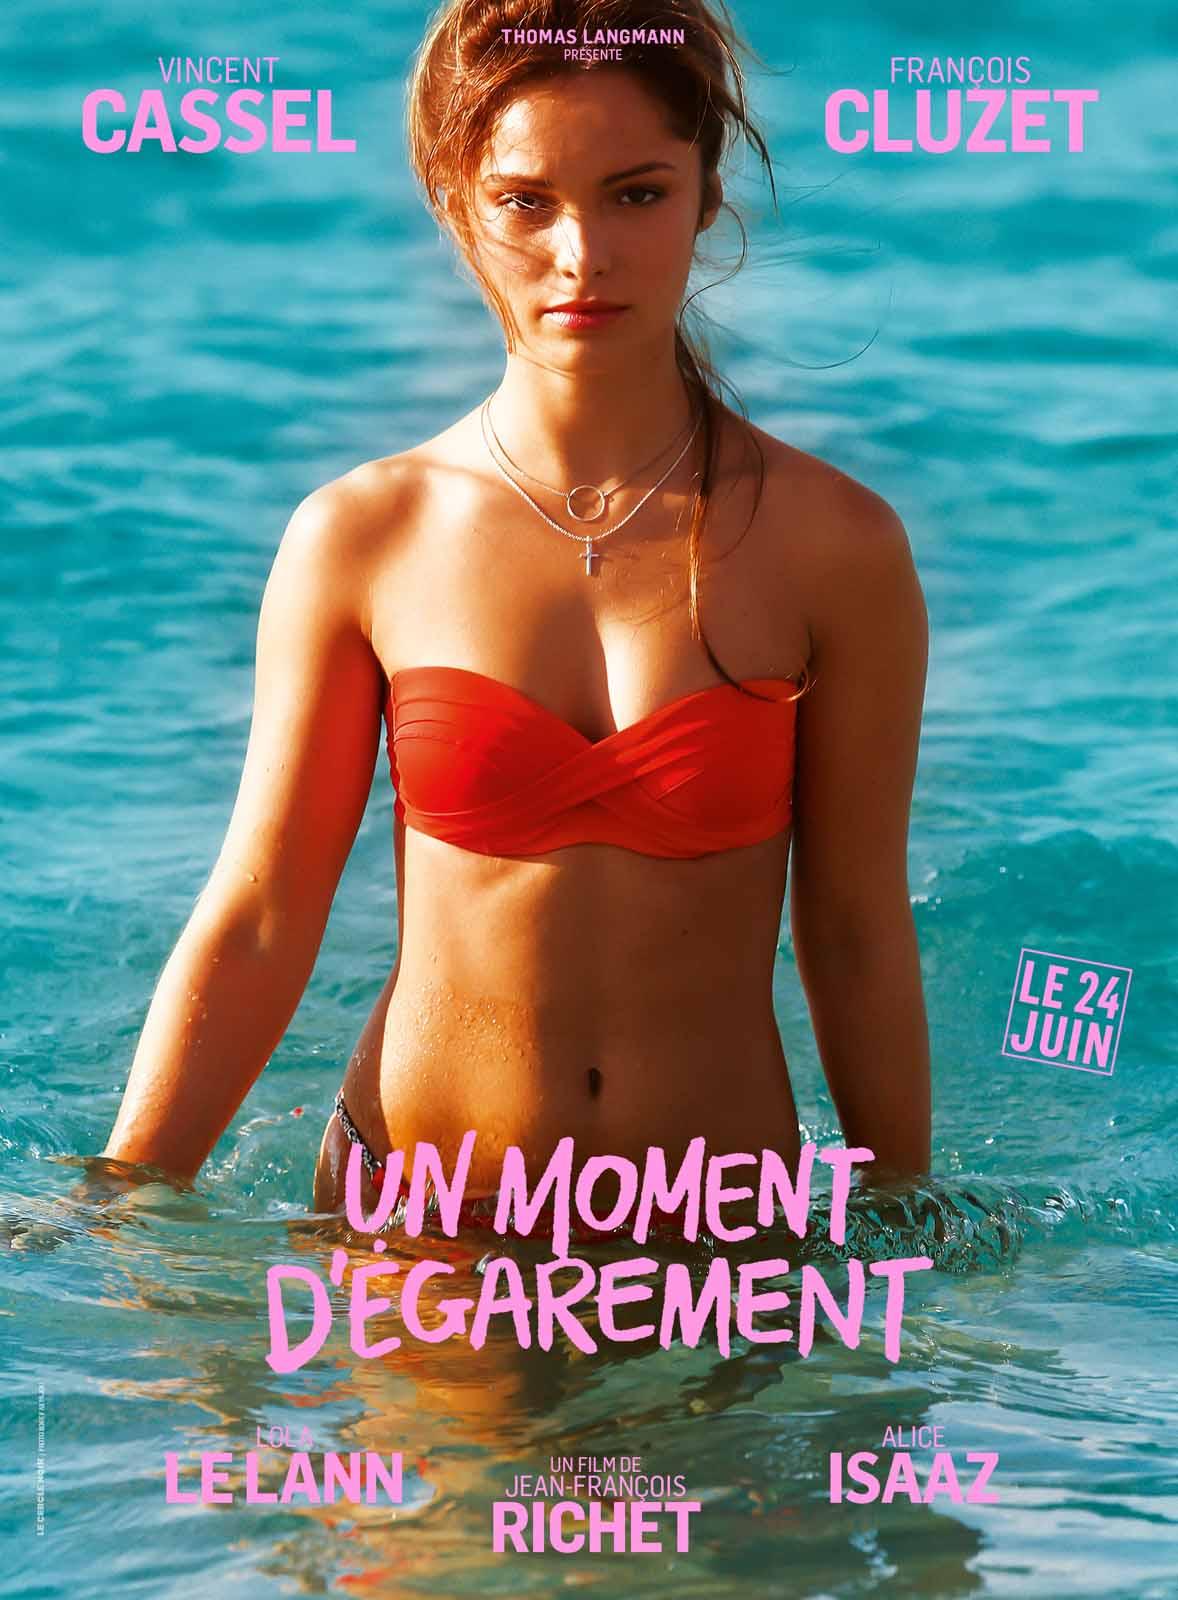 D'égarement Film Sur Un 6 Allociné 2 Affiche Moment Du TOXkPZui